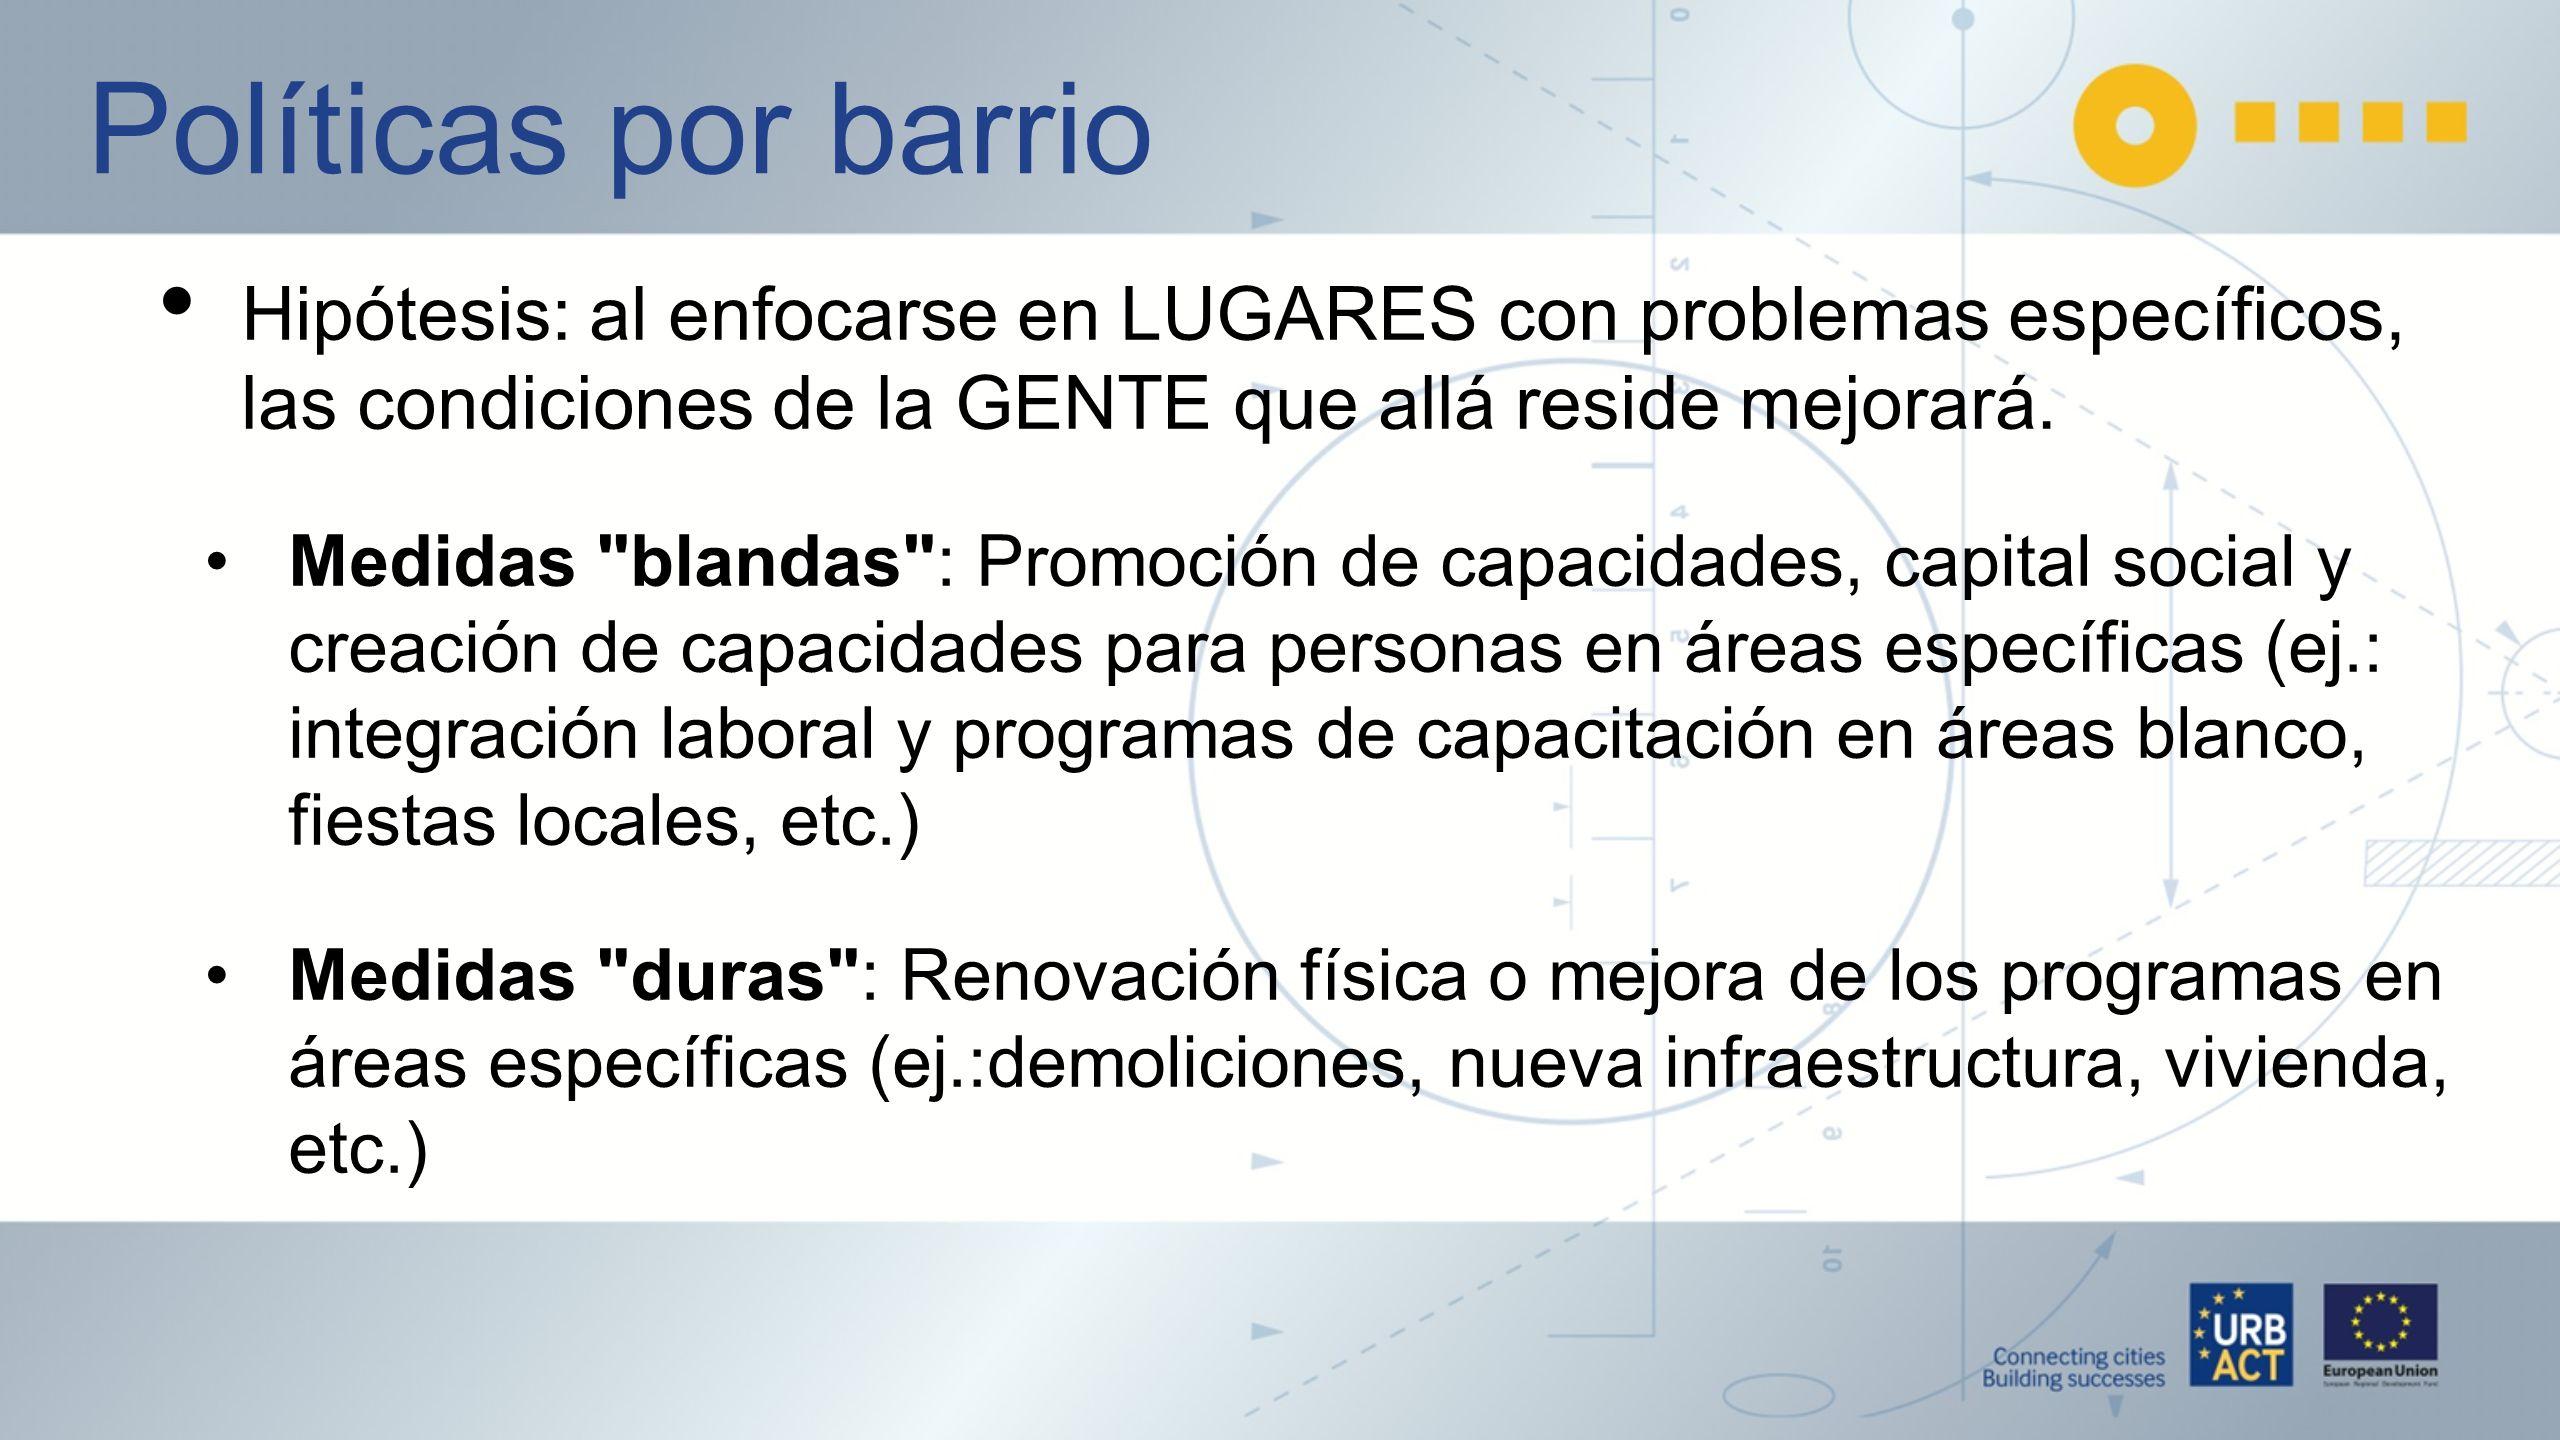 Políticas por barrioHipótesis: al enfocarse en LUGARES con problemas específicos, las condiciones de la GENTE que allá reside mejorará.